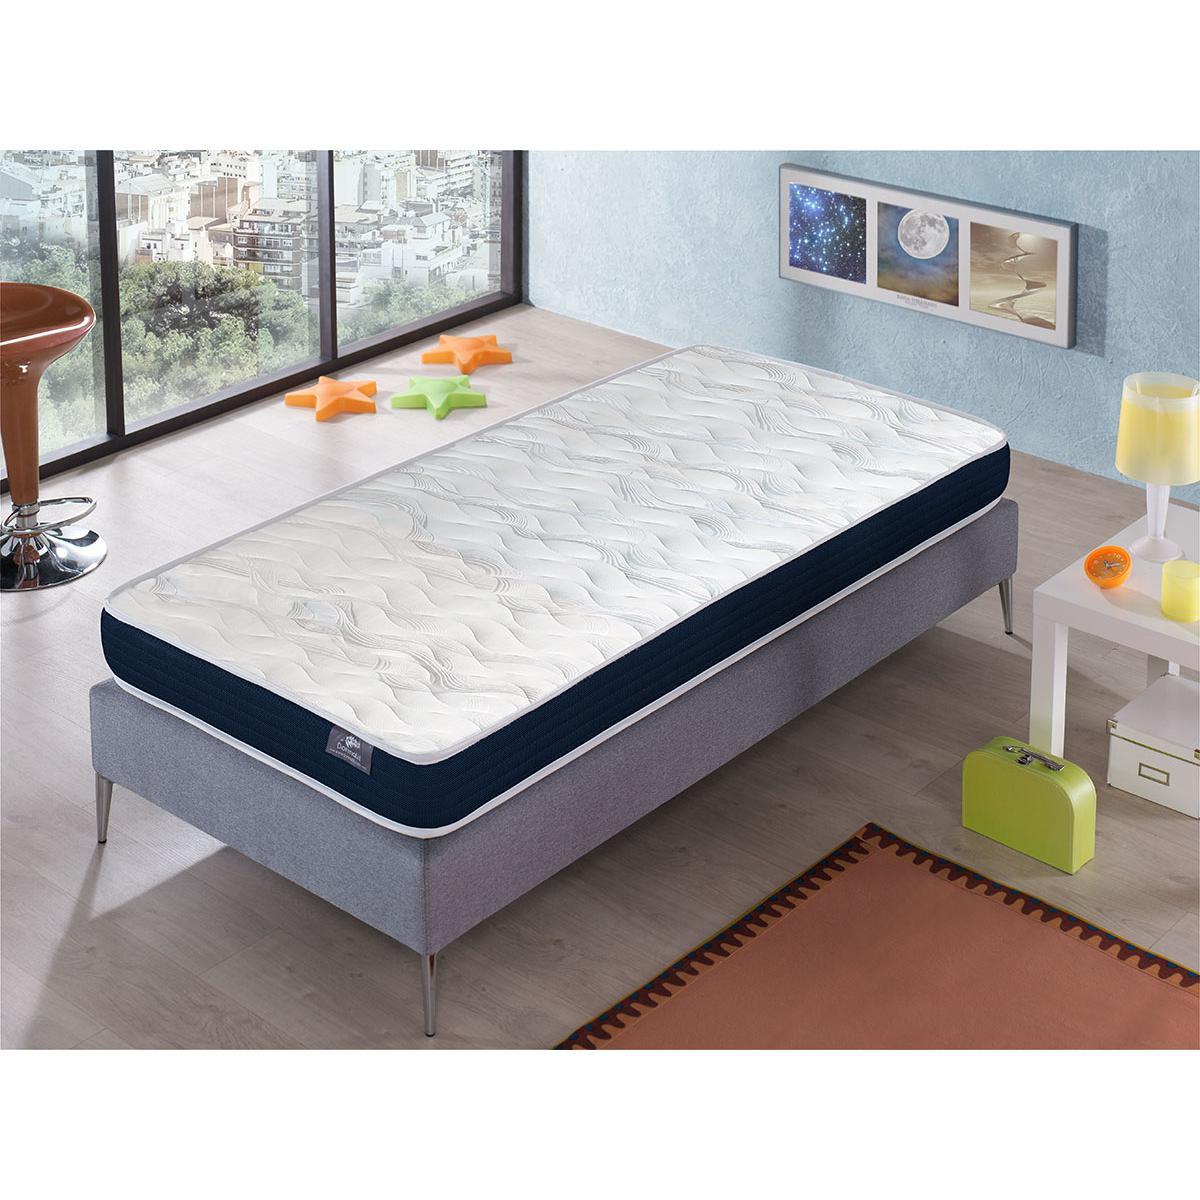 Dormalit Matelas 105X180 ERGO CONFORT Épaisseur 14 CM ? Rembourrage super soft - Juvénil - idéal pour les lits gigognes